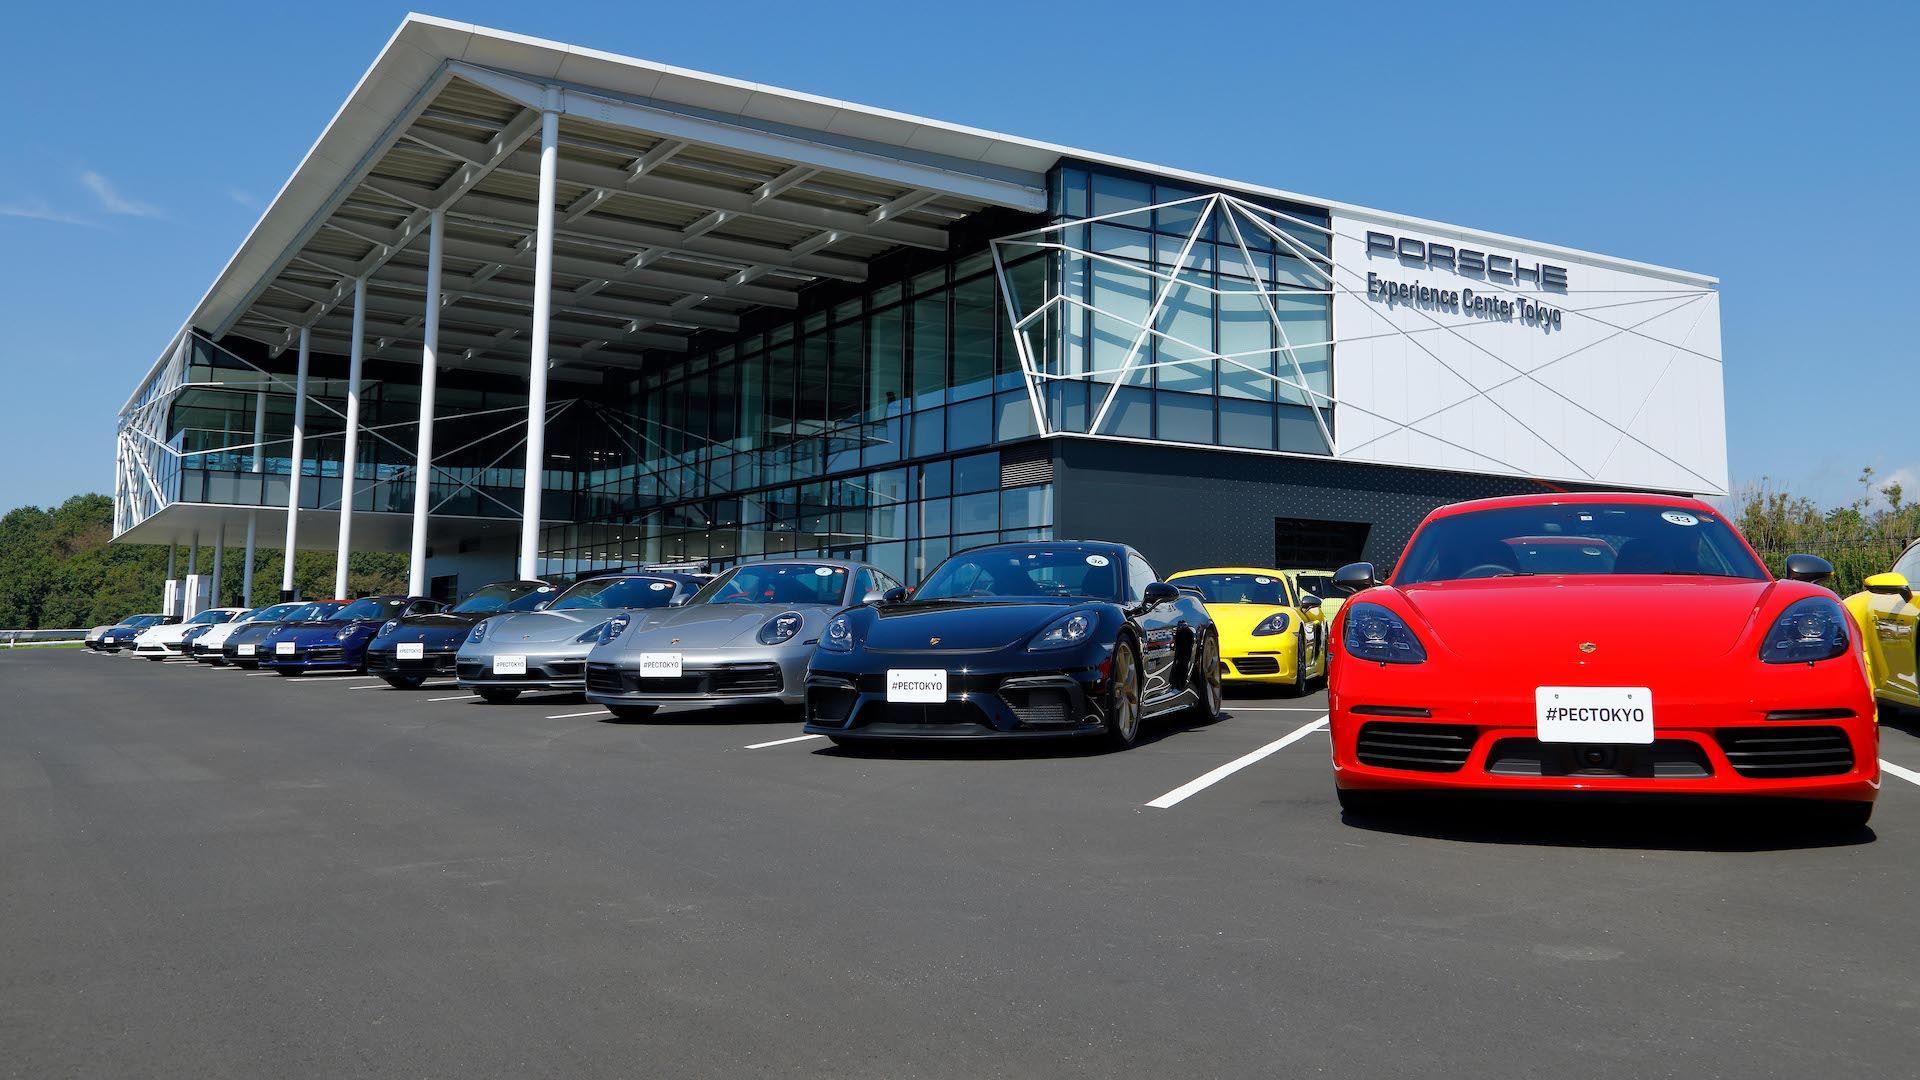 Tokyo-Porsche-Experience-Center-2